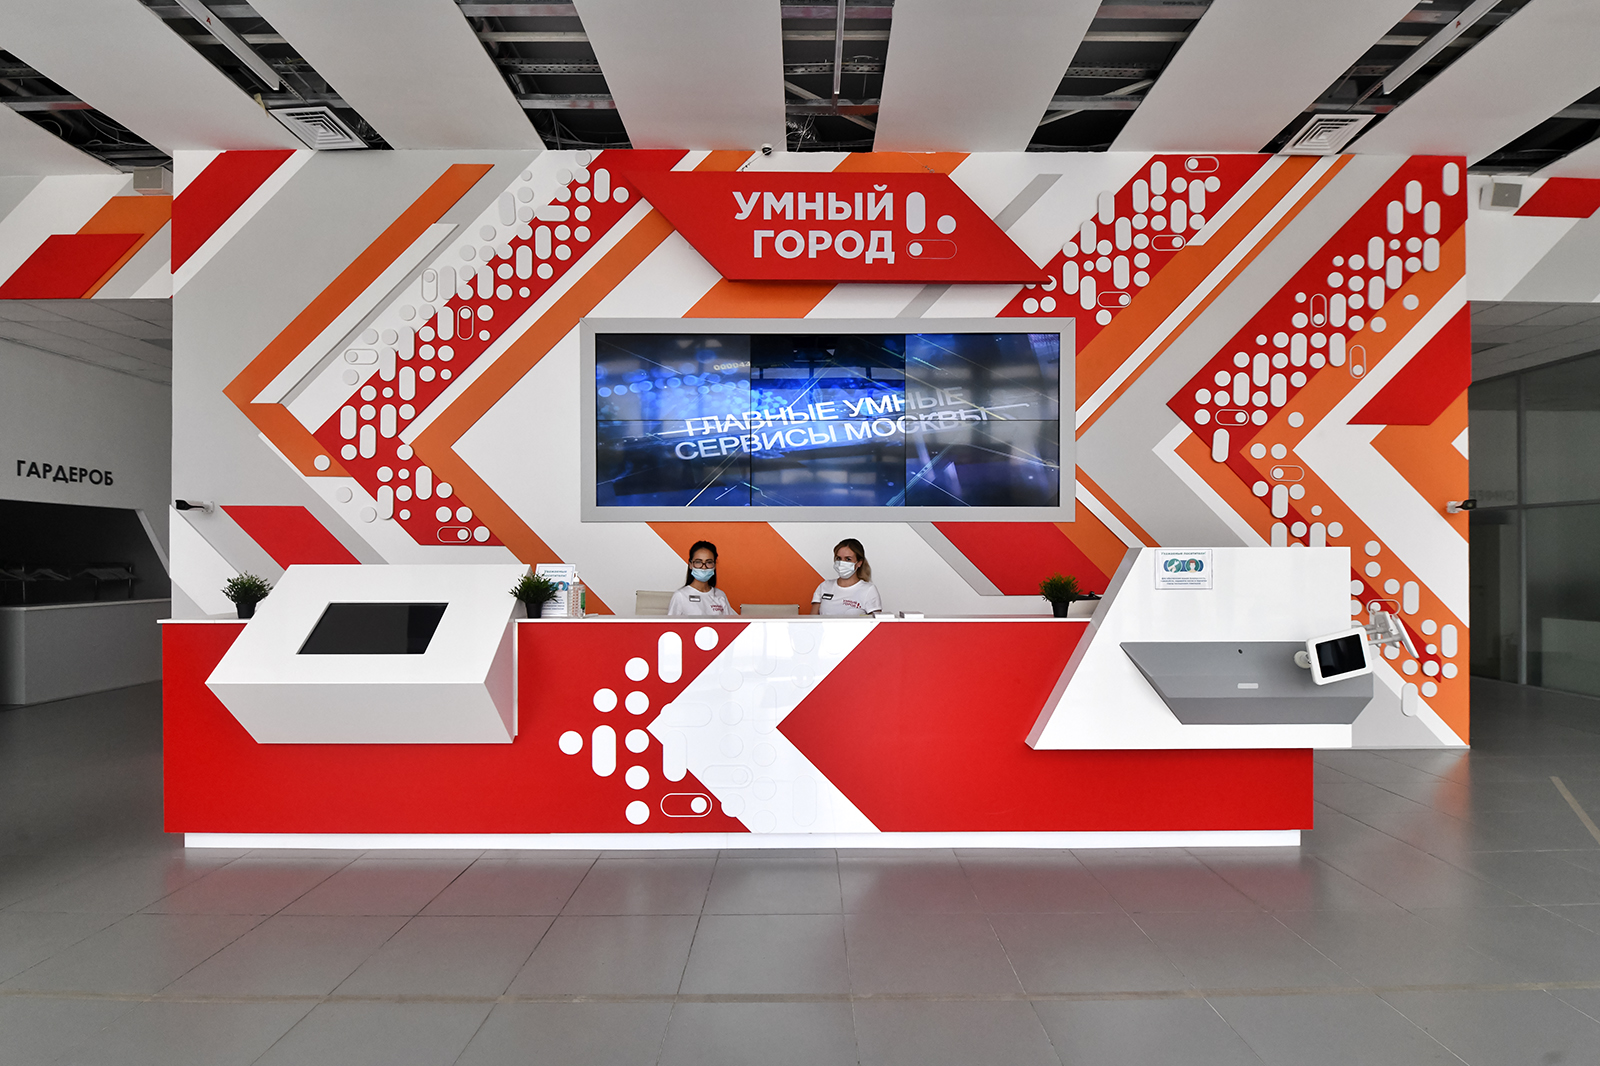 Платформа для BIM-проектов и система авиамониторинга: в Москве начали испытывать разработки с технологией 5G